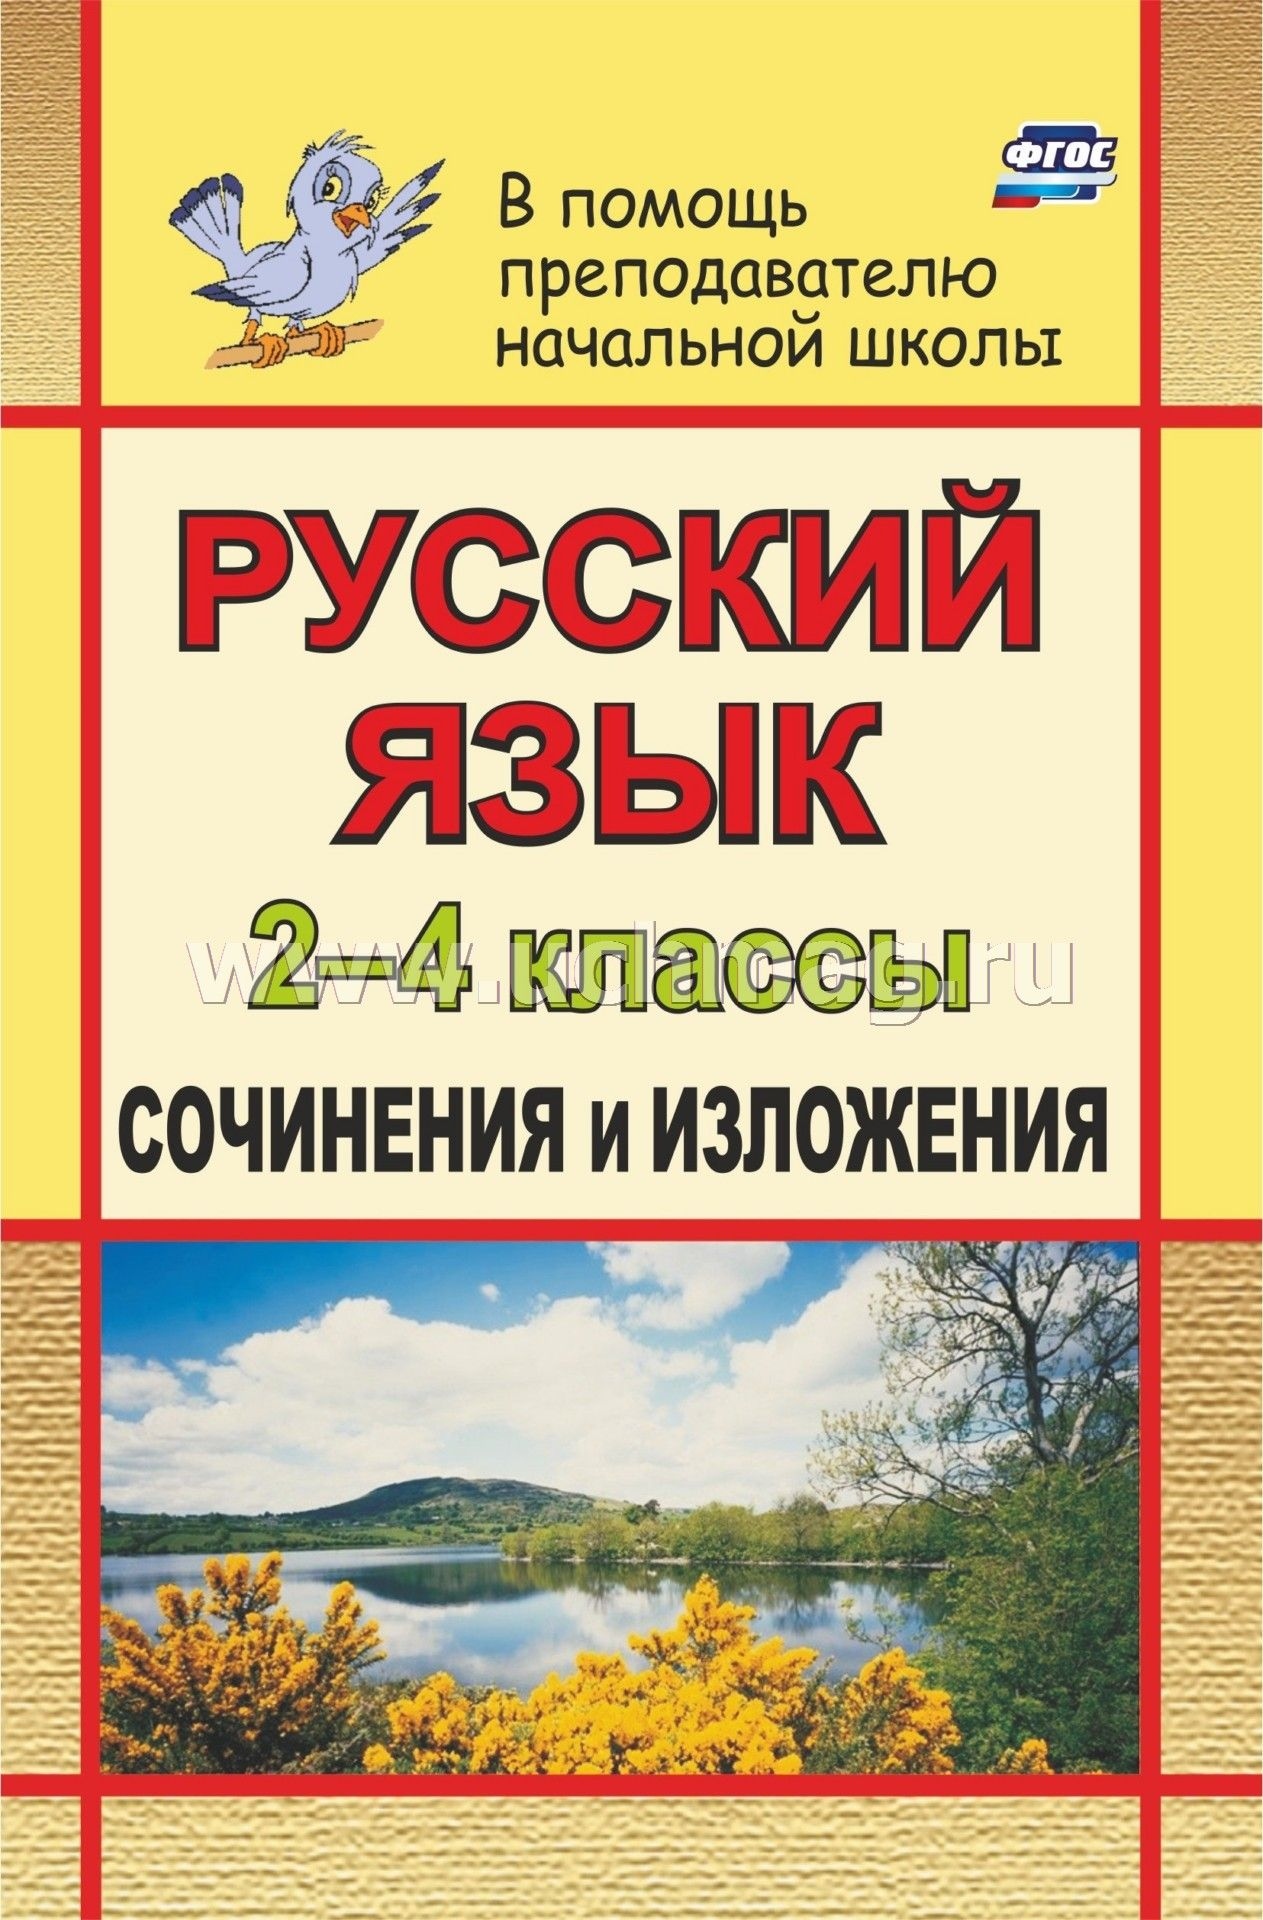 Русский язык классы сочинения и изложения купить по цене  2 4 классы сочинения и изложения